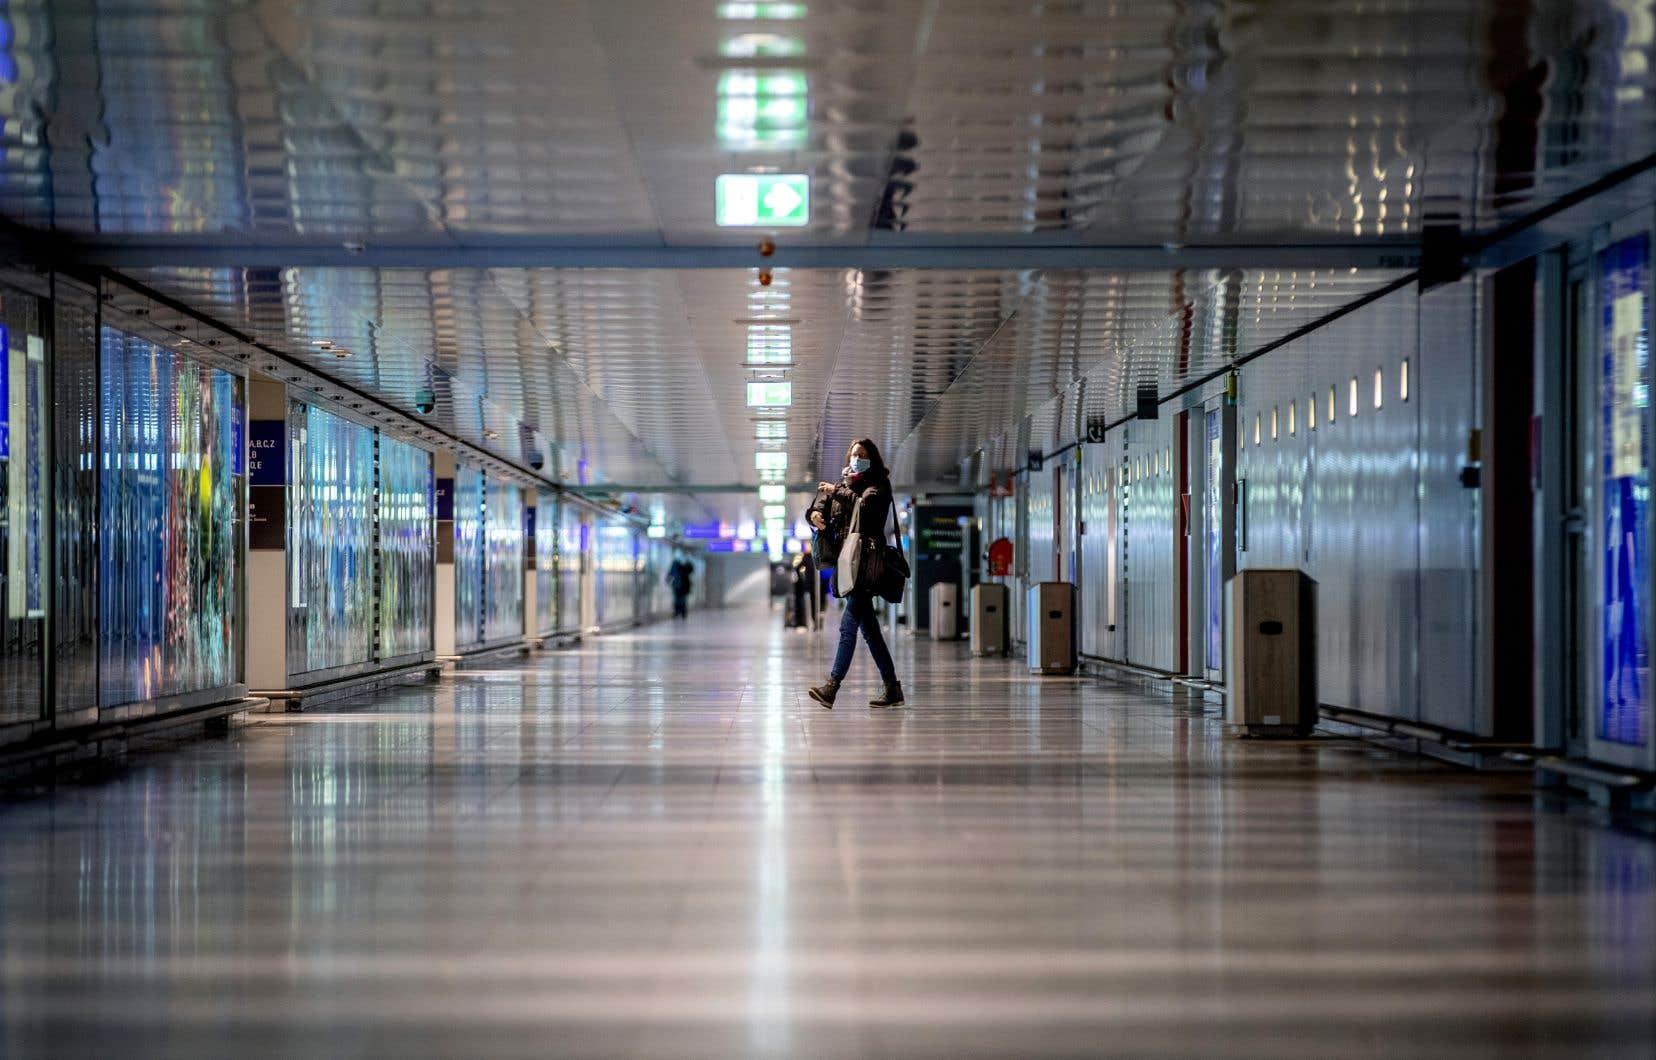 Après la  pandémie, les touristes vont magasiner de manière plus  exhaustive et  les agences de voyages auront une pertinence renouvelée,  remarque le  professeur Marc-Antoine Vachon.